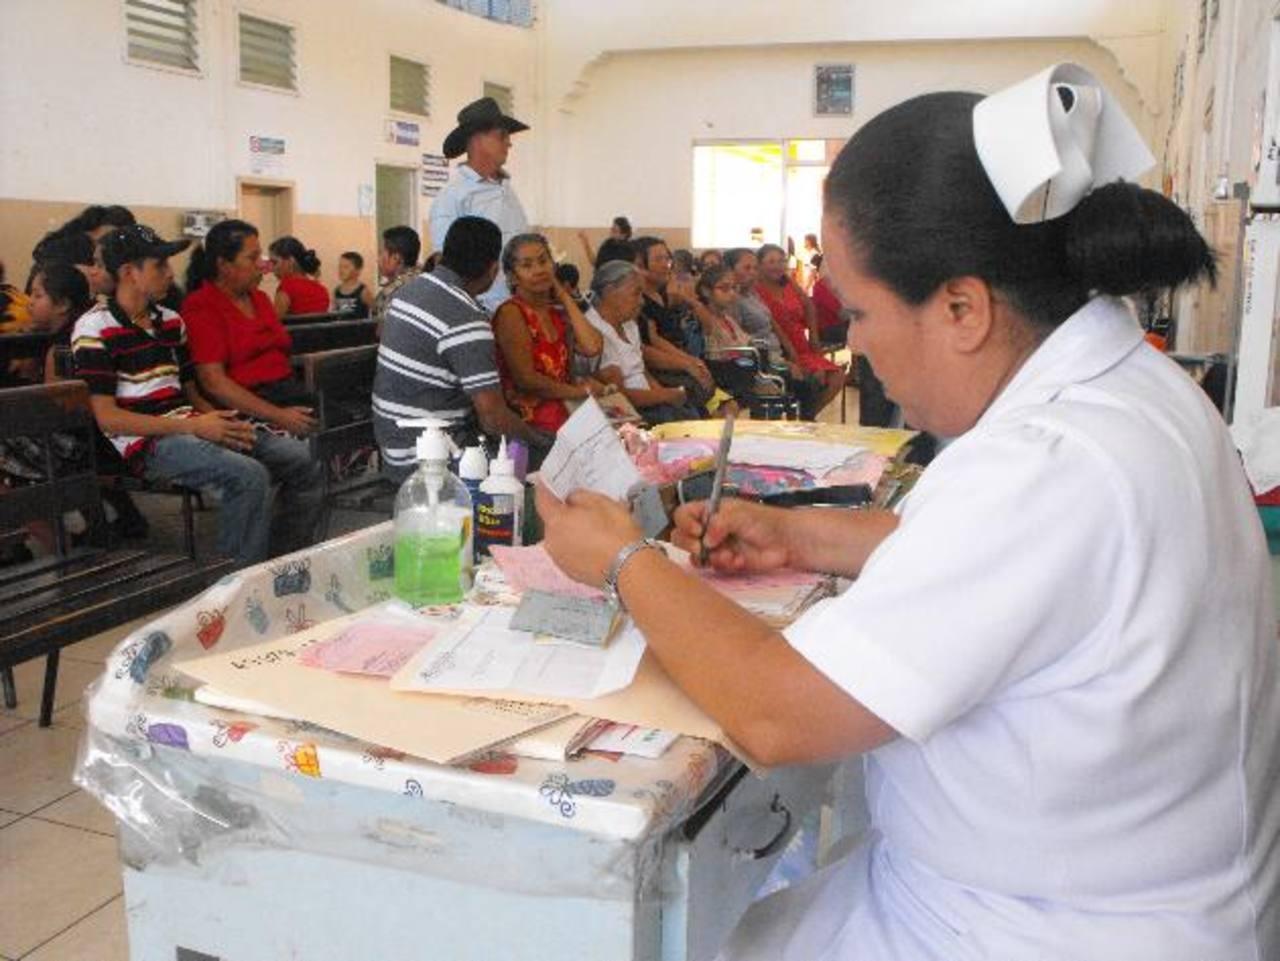 Las consultas se llevaron a cabo ayer con normalidad. Foto EDH / Mauricio Guevara